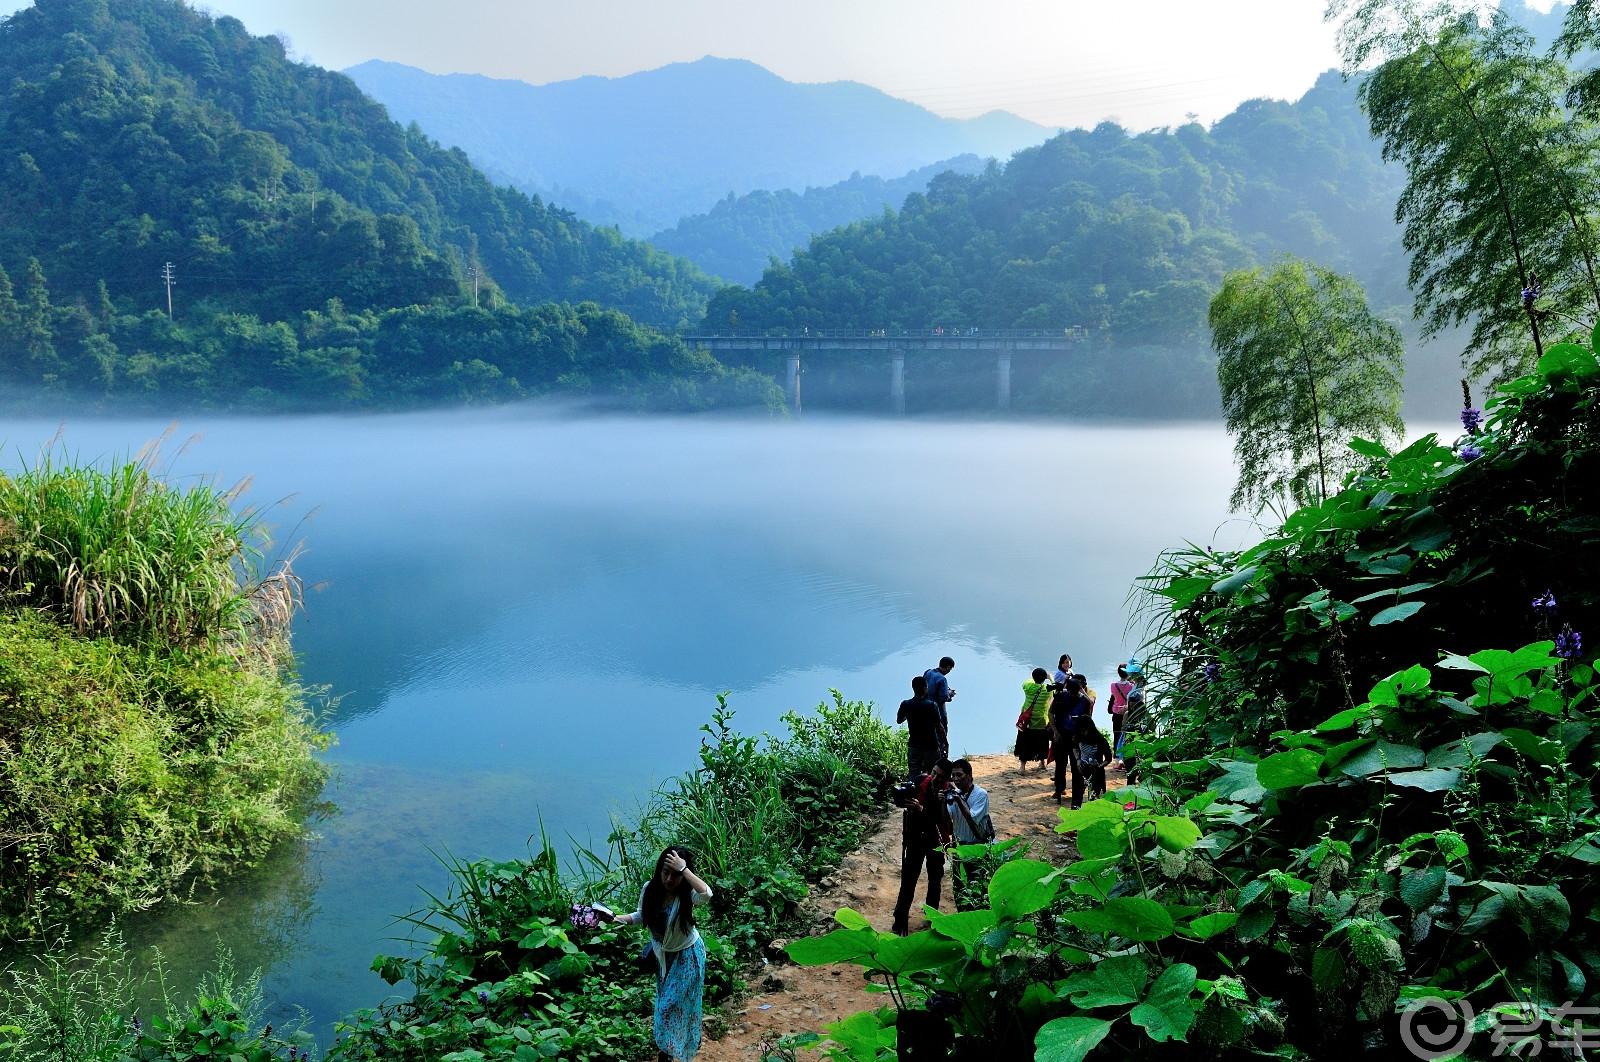 【仙境东江湖,雾漫小东江】